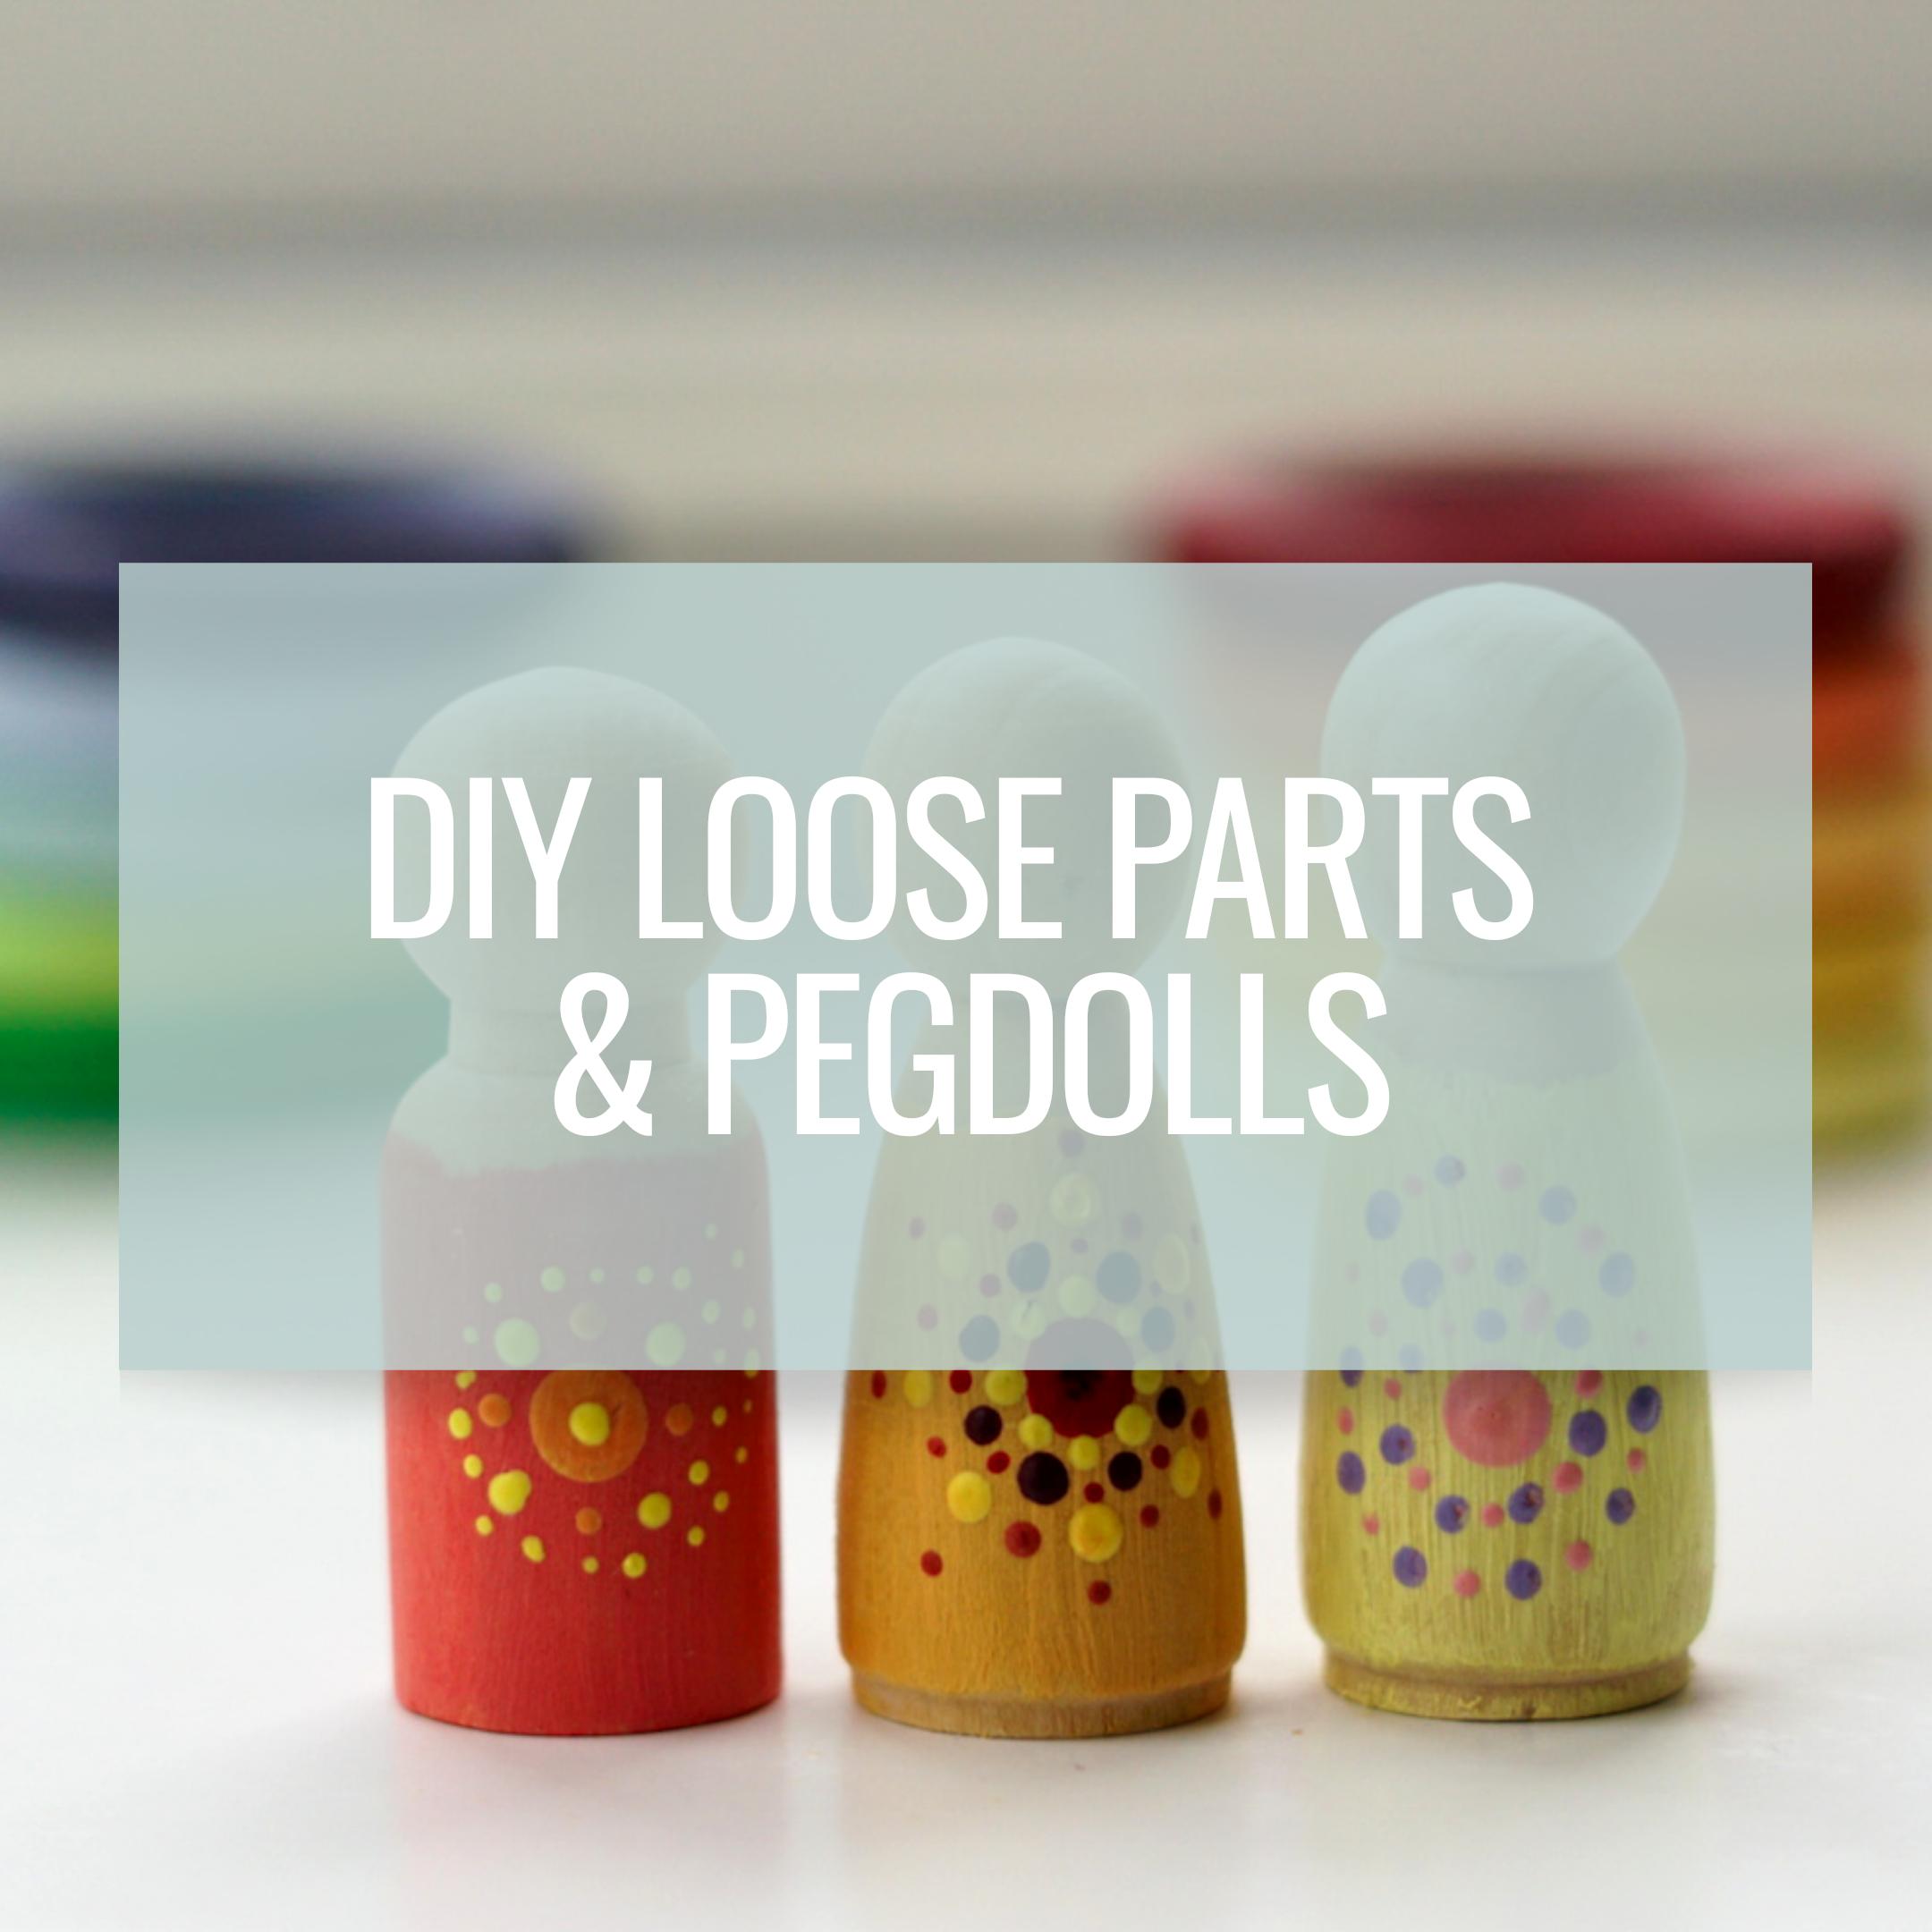 DIY loose parts & pegdolls zoals grapat & grimms